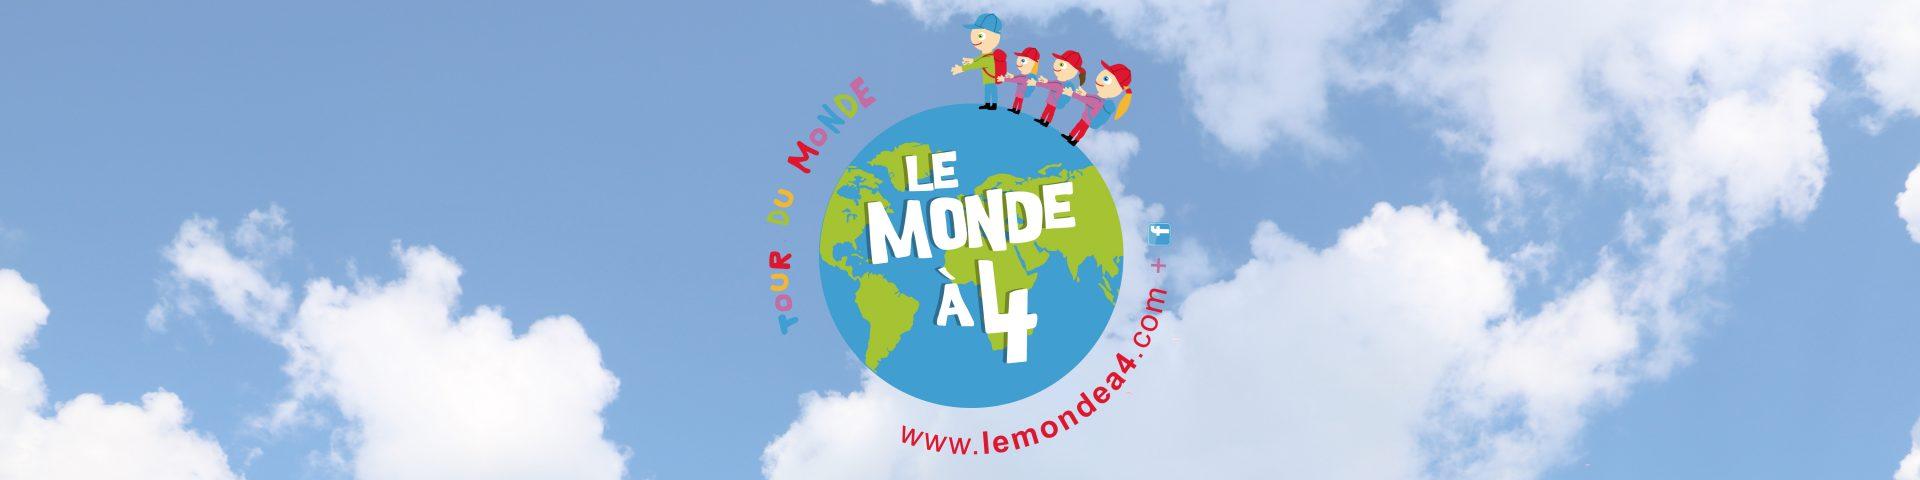 Le Monde A 4